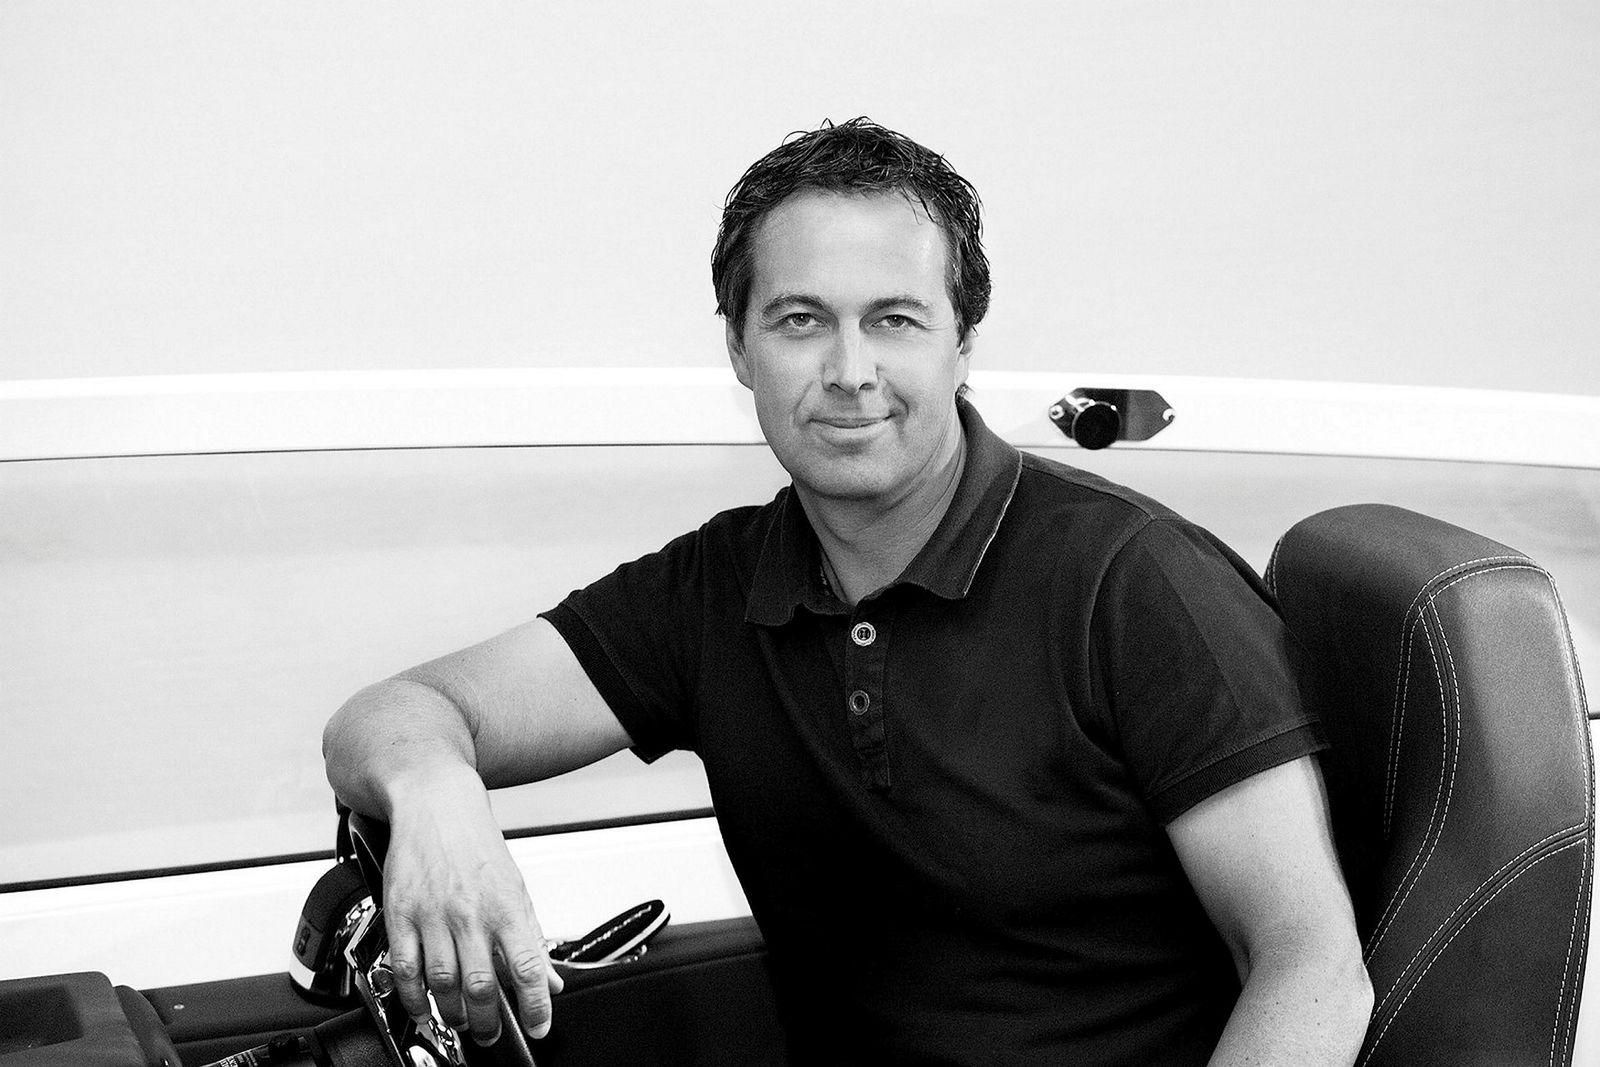 Ronny Antonsen, som reetablerte Nordkapp Boats i Sarpsborg for nær 30 år siden, selger nå majoriteten av aksjene til Frydenbø Group i Bergen.--